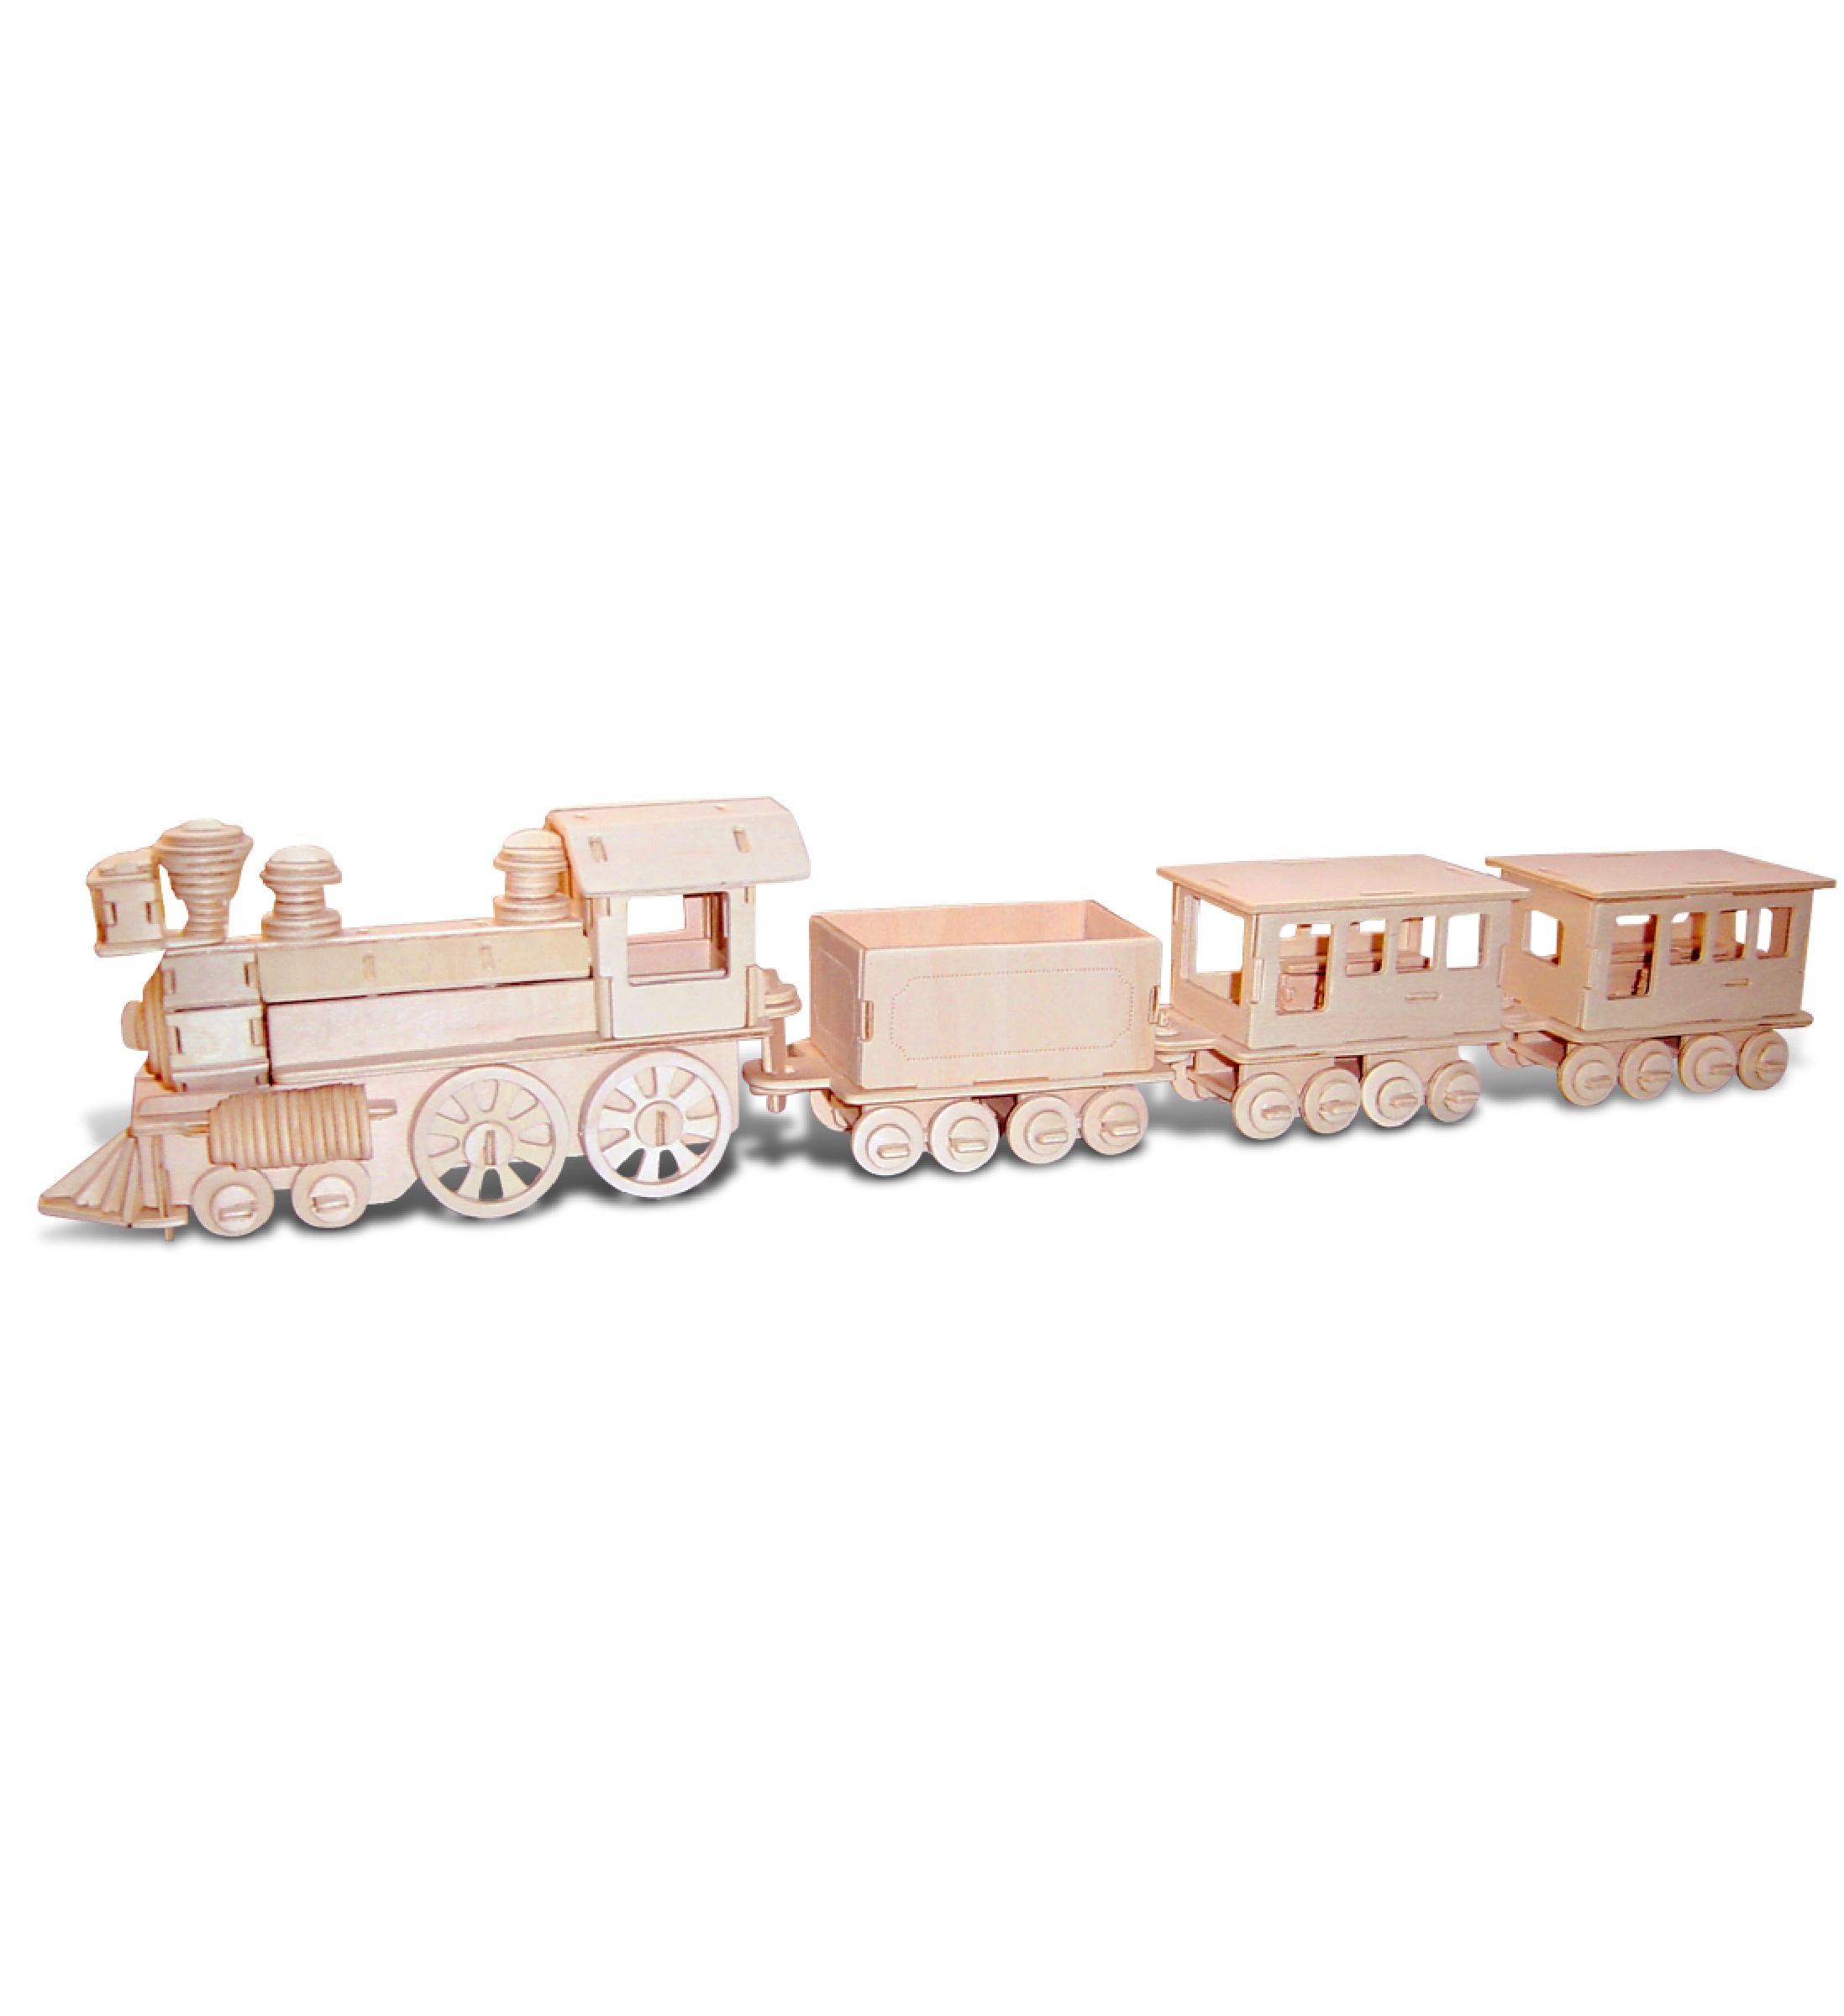 TRAIN - 3D Puzzles